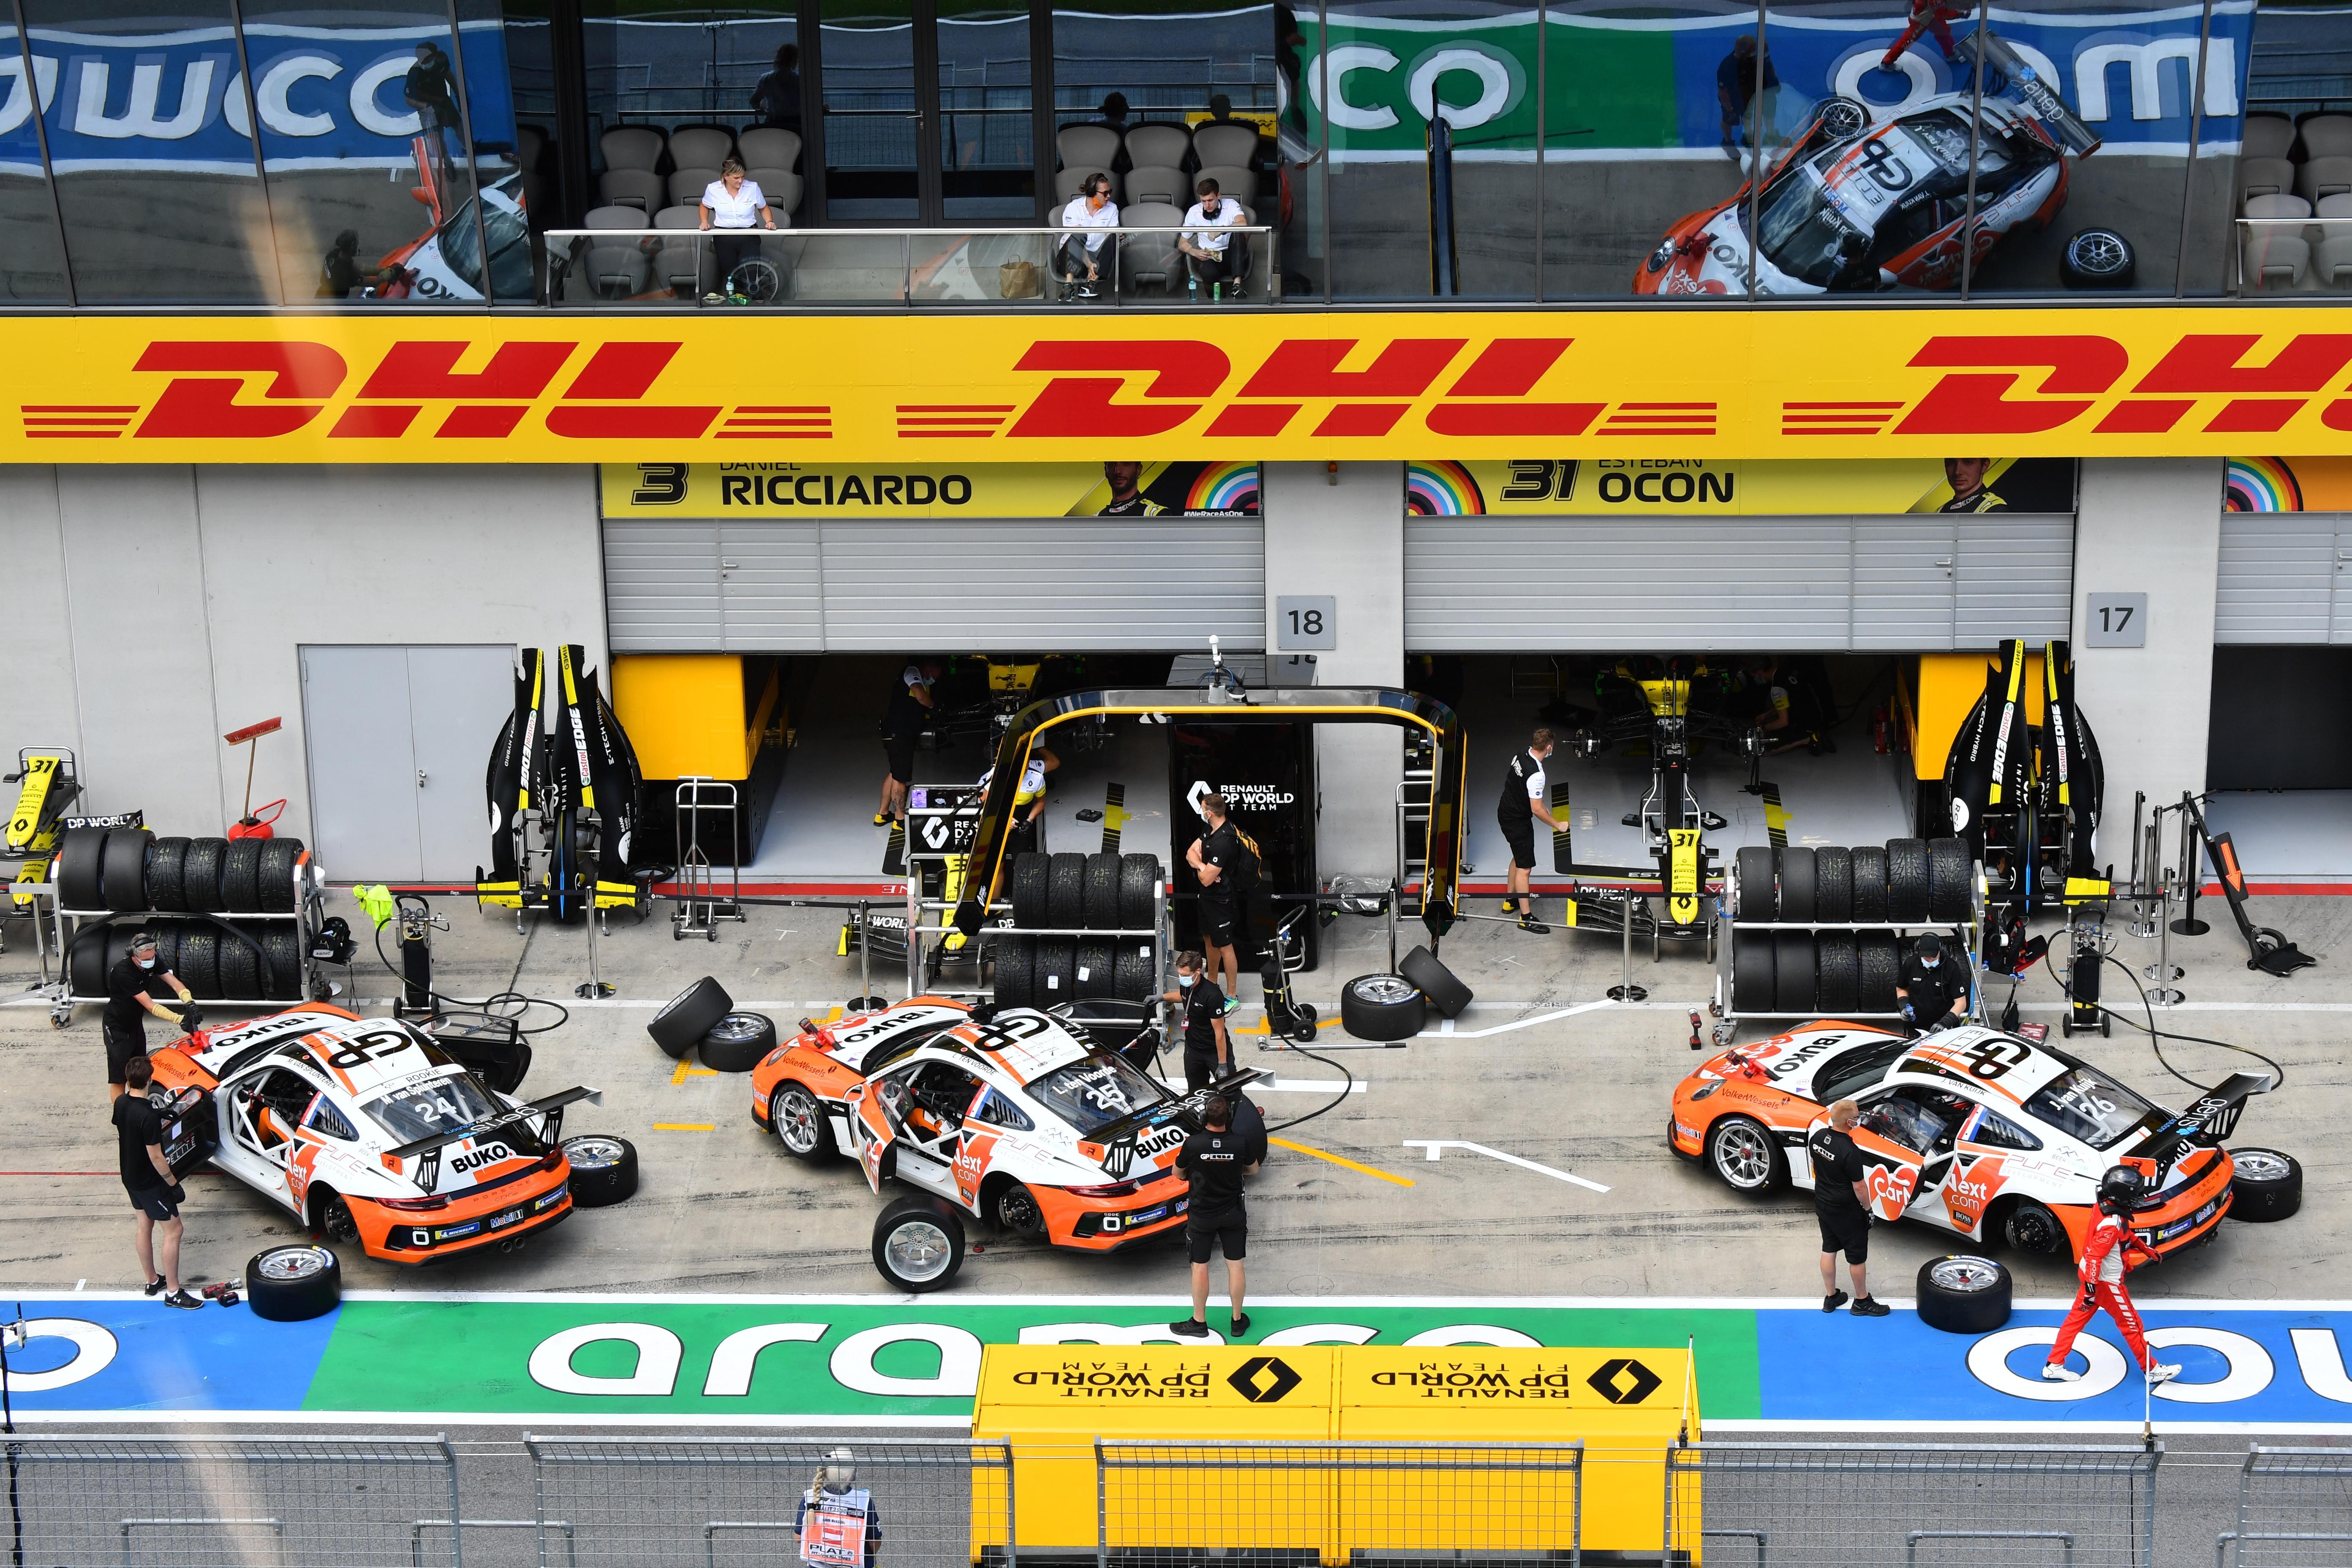 Het Noord-Hollandse Porsche-team GP Elite werkt in een bubbel tijdens Formule 1-wedstrijden in Oostenrijk. 'Naar Max Verstappen kunnen we alleen zwaaien'